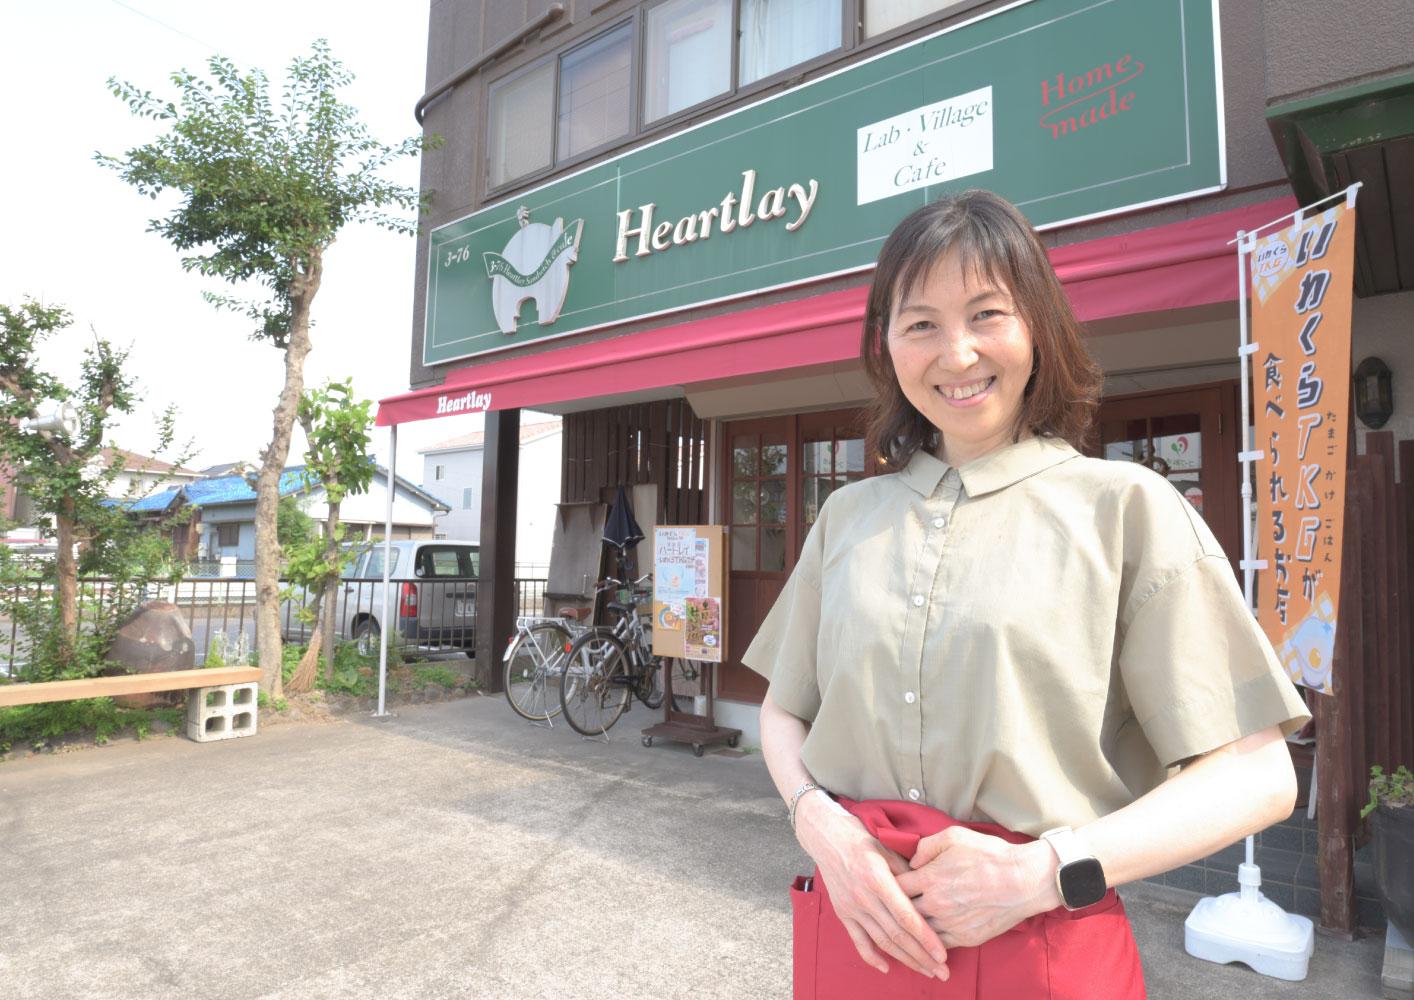 至極の卵かけごはん いわくらTKG〜Tebineri× Lab&Village Cafe (ハートレイ)〜